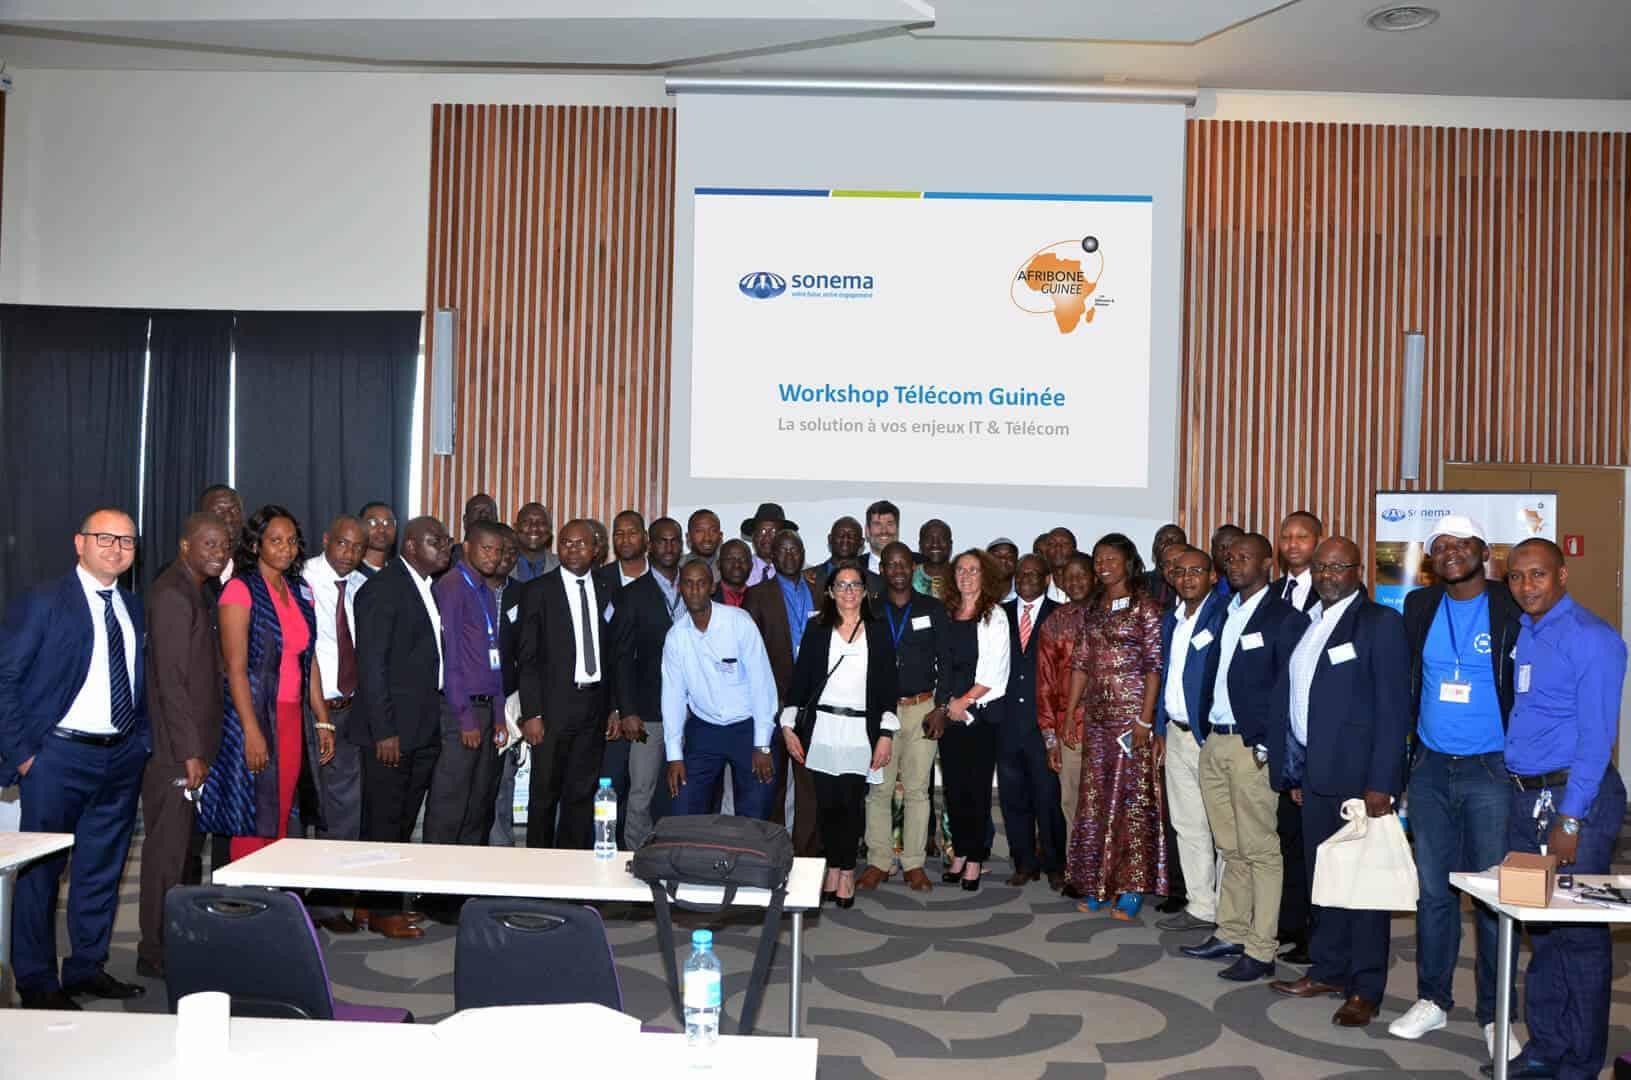 Sonema et Afribone: un workshop commun à Conakry sur les enjeux IT et télécom des entreprises guinéennes